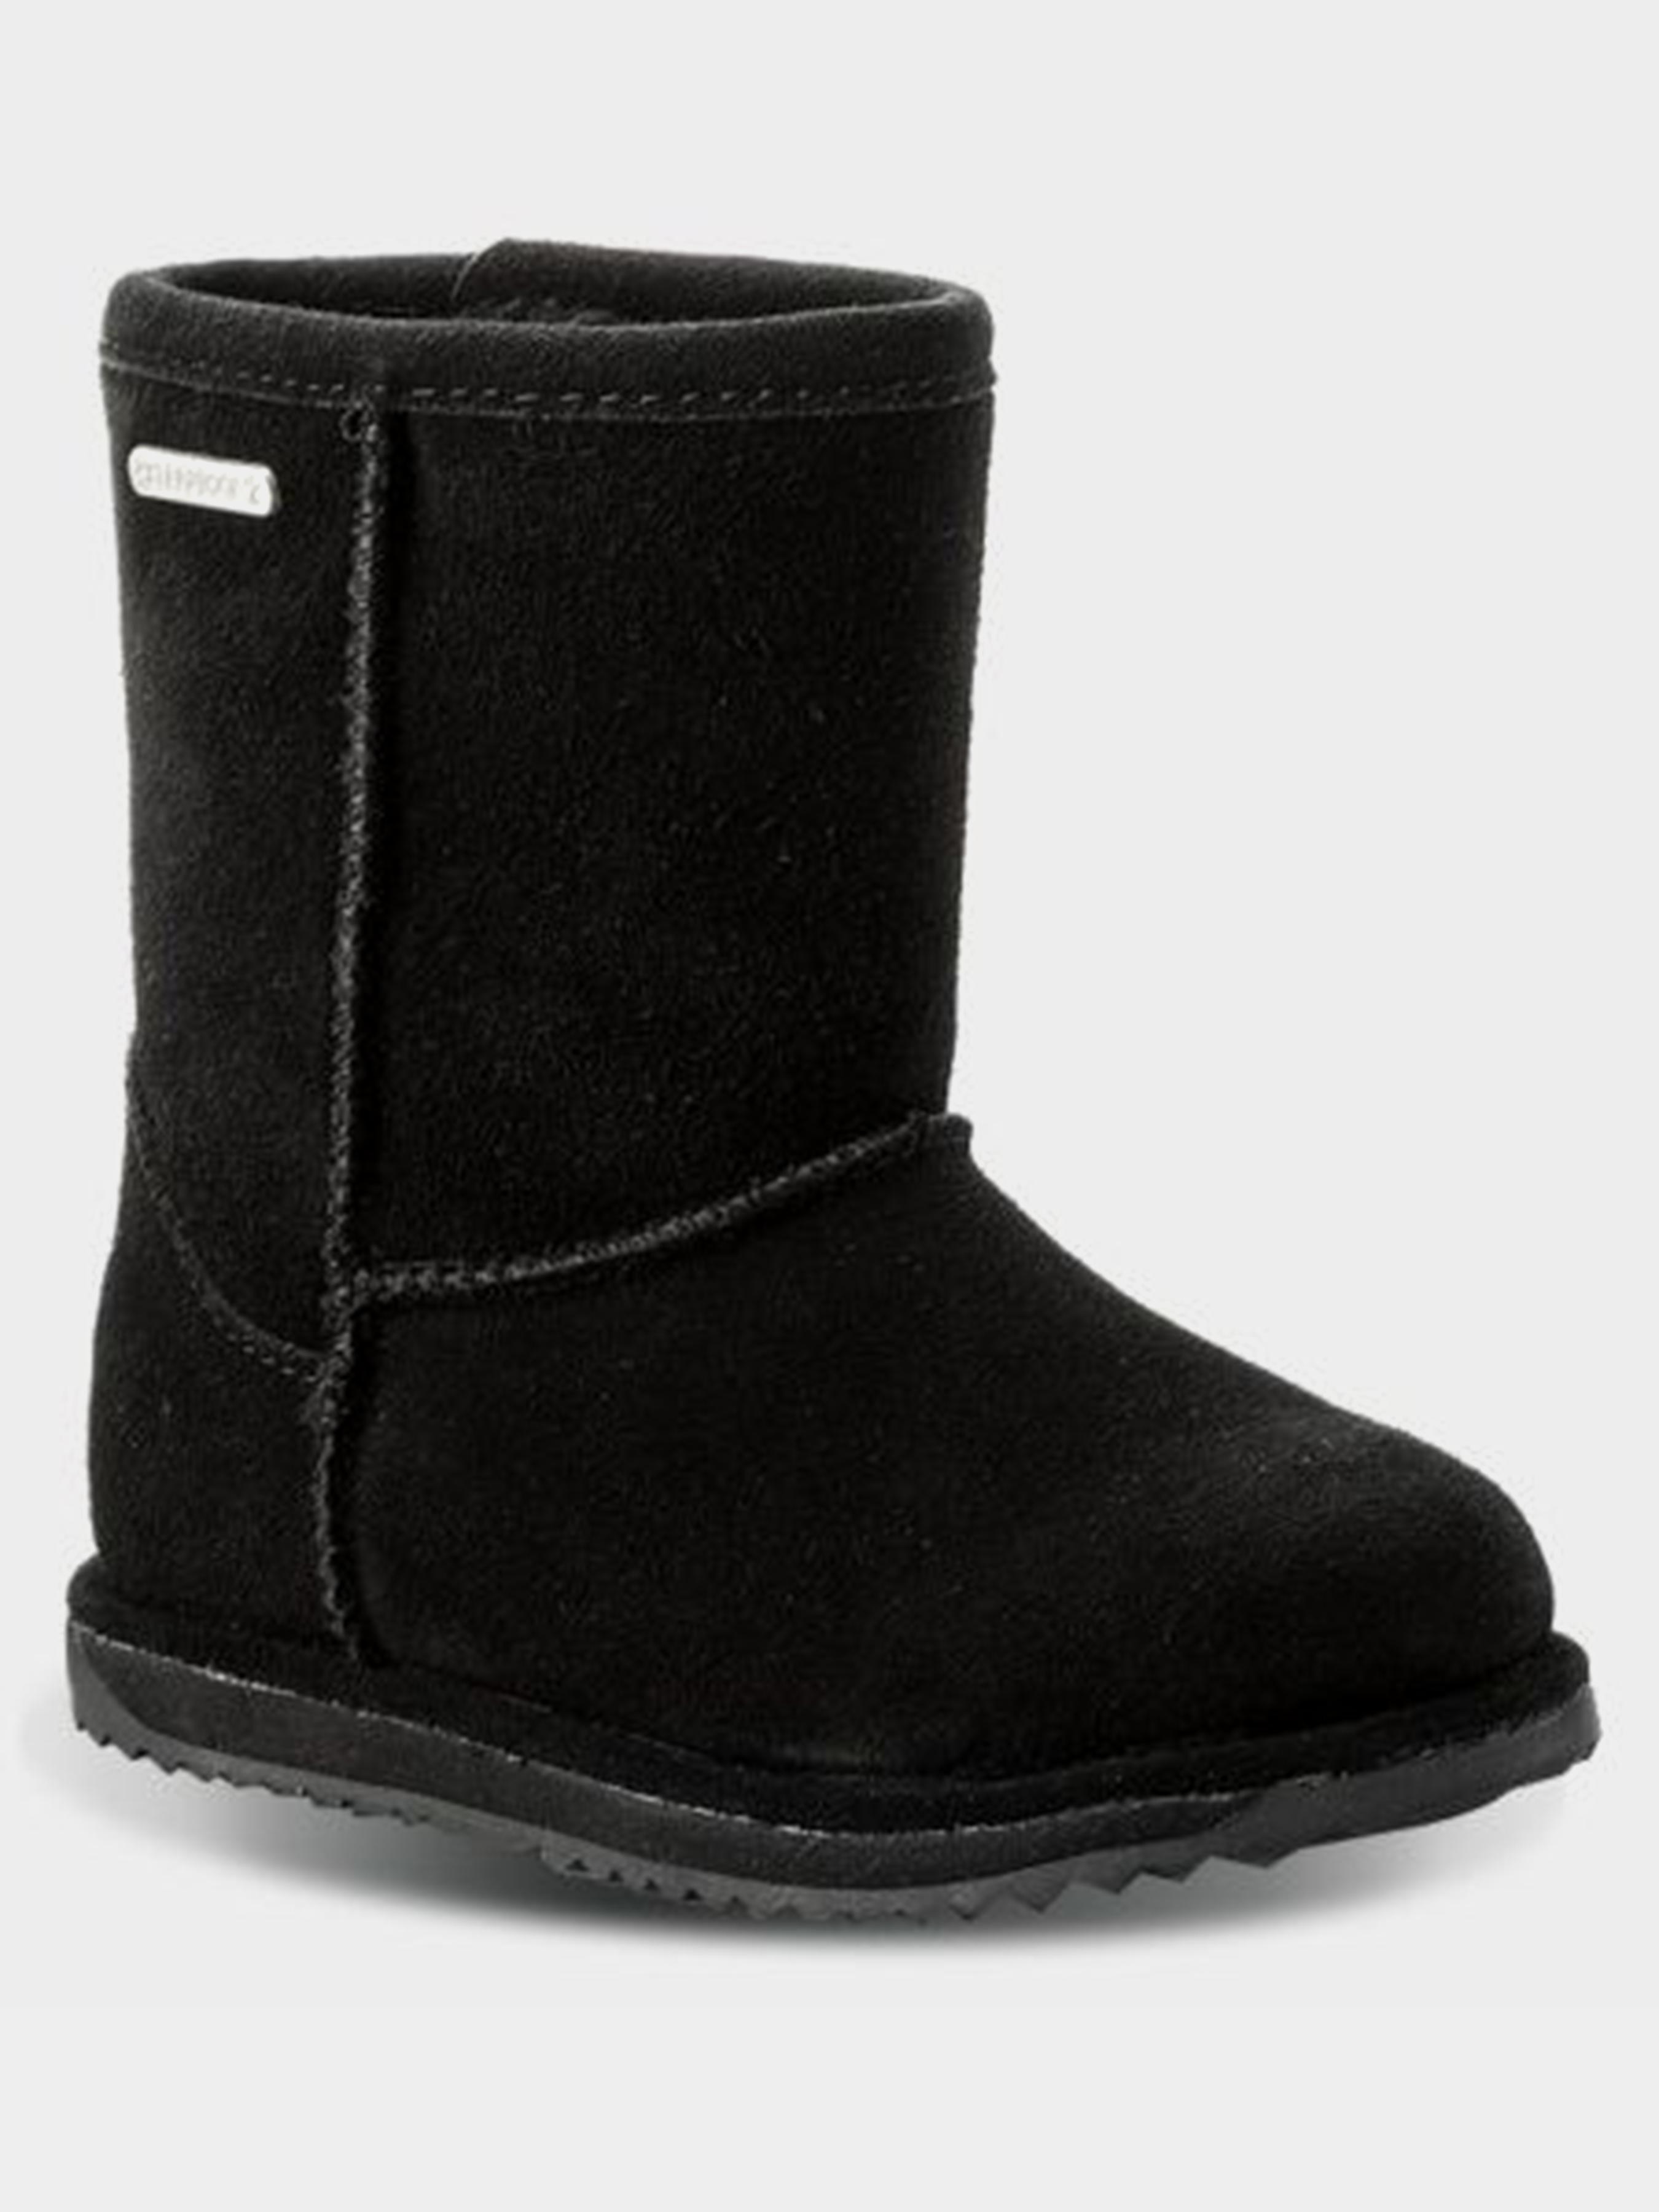 Чоботи  для дітей EMU K10773-black модне взуття, 2017